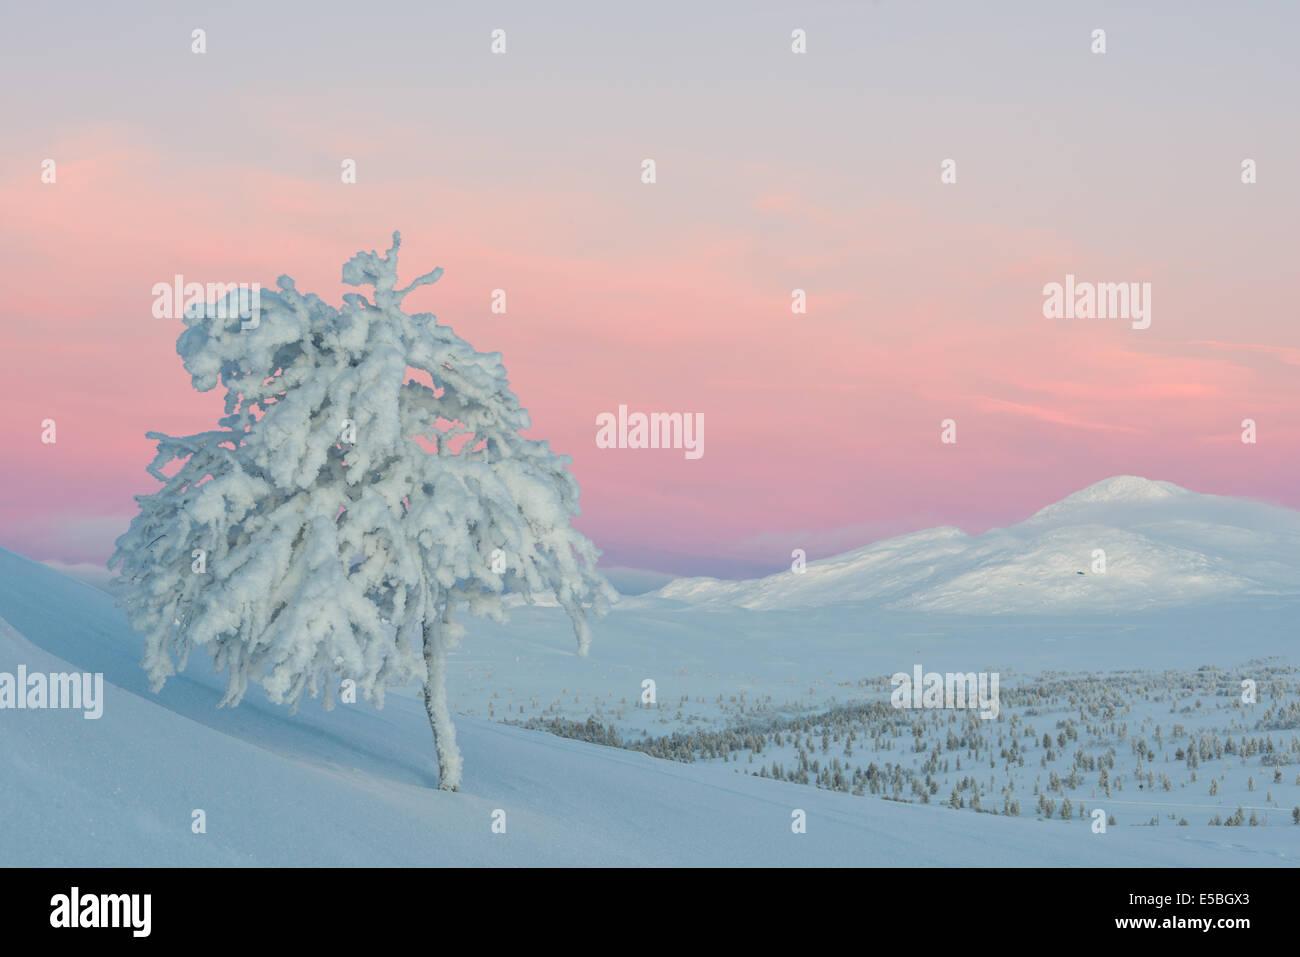 Árbol congelada en invierno el paisaje durante el amanecer Foto de stock